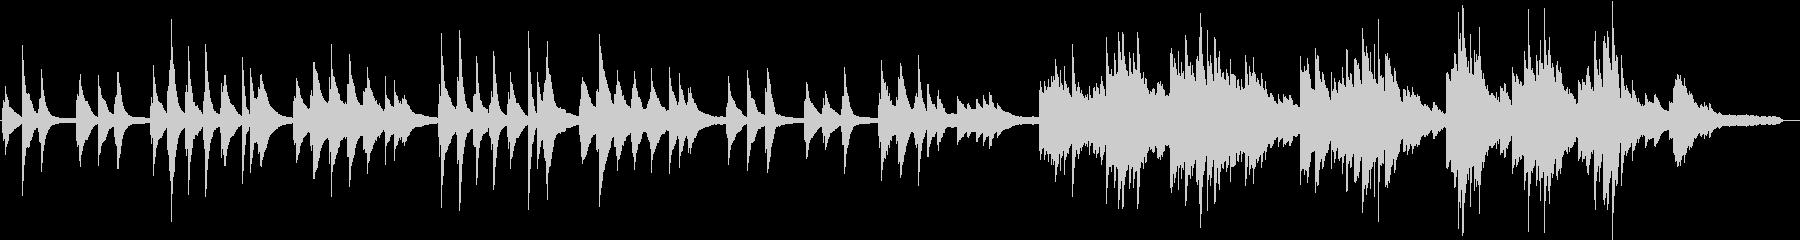 さくら(ピアノカバー)の未再生の波形